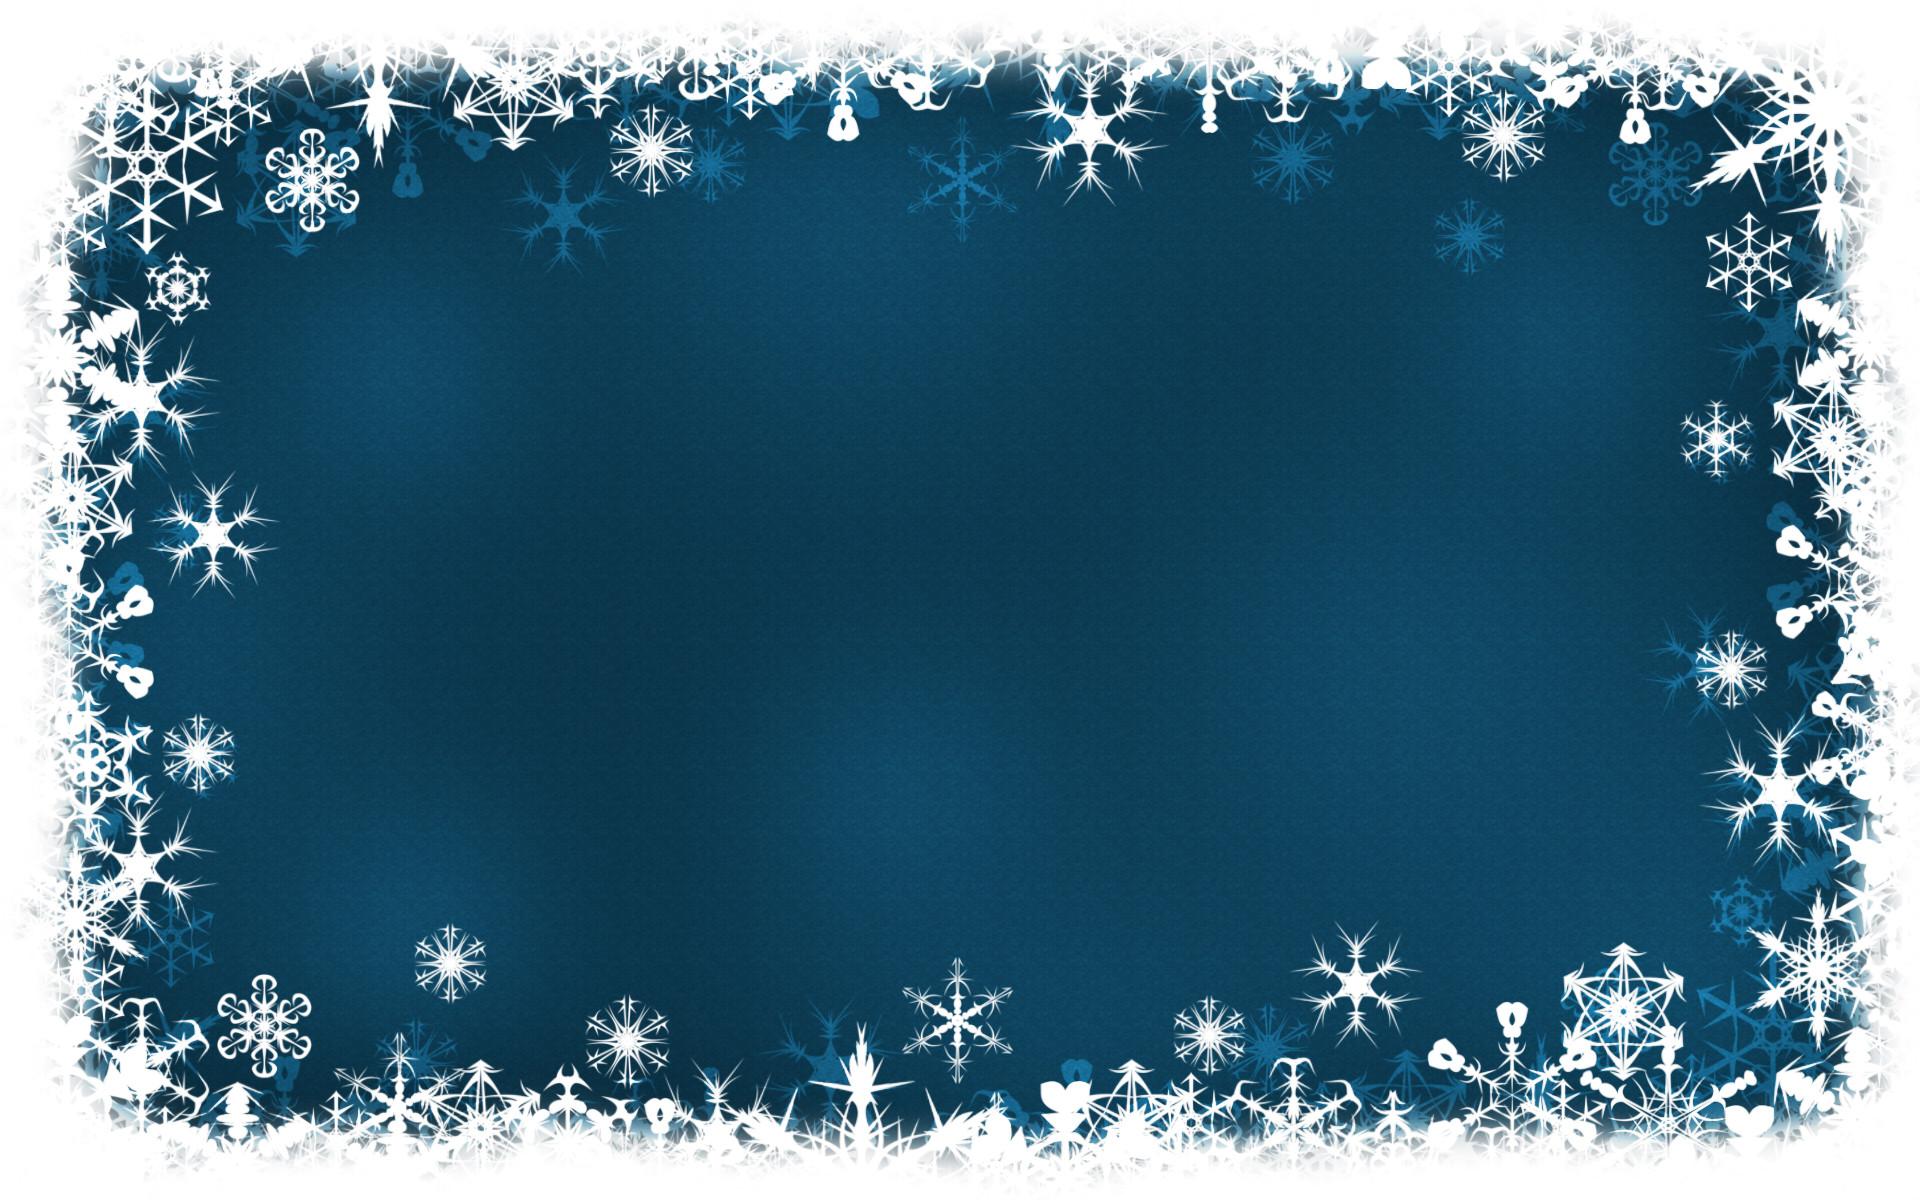 Flickering Christmas Tree Lights